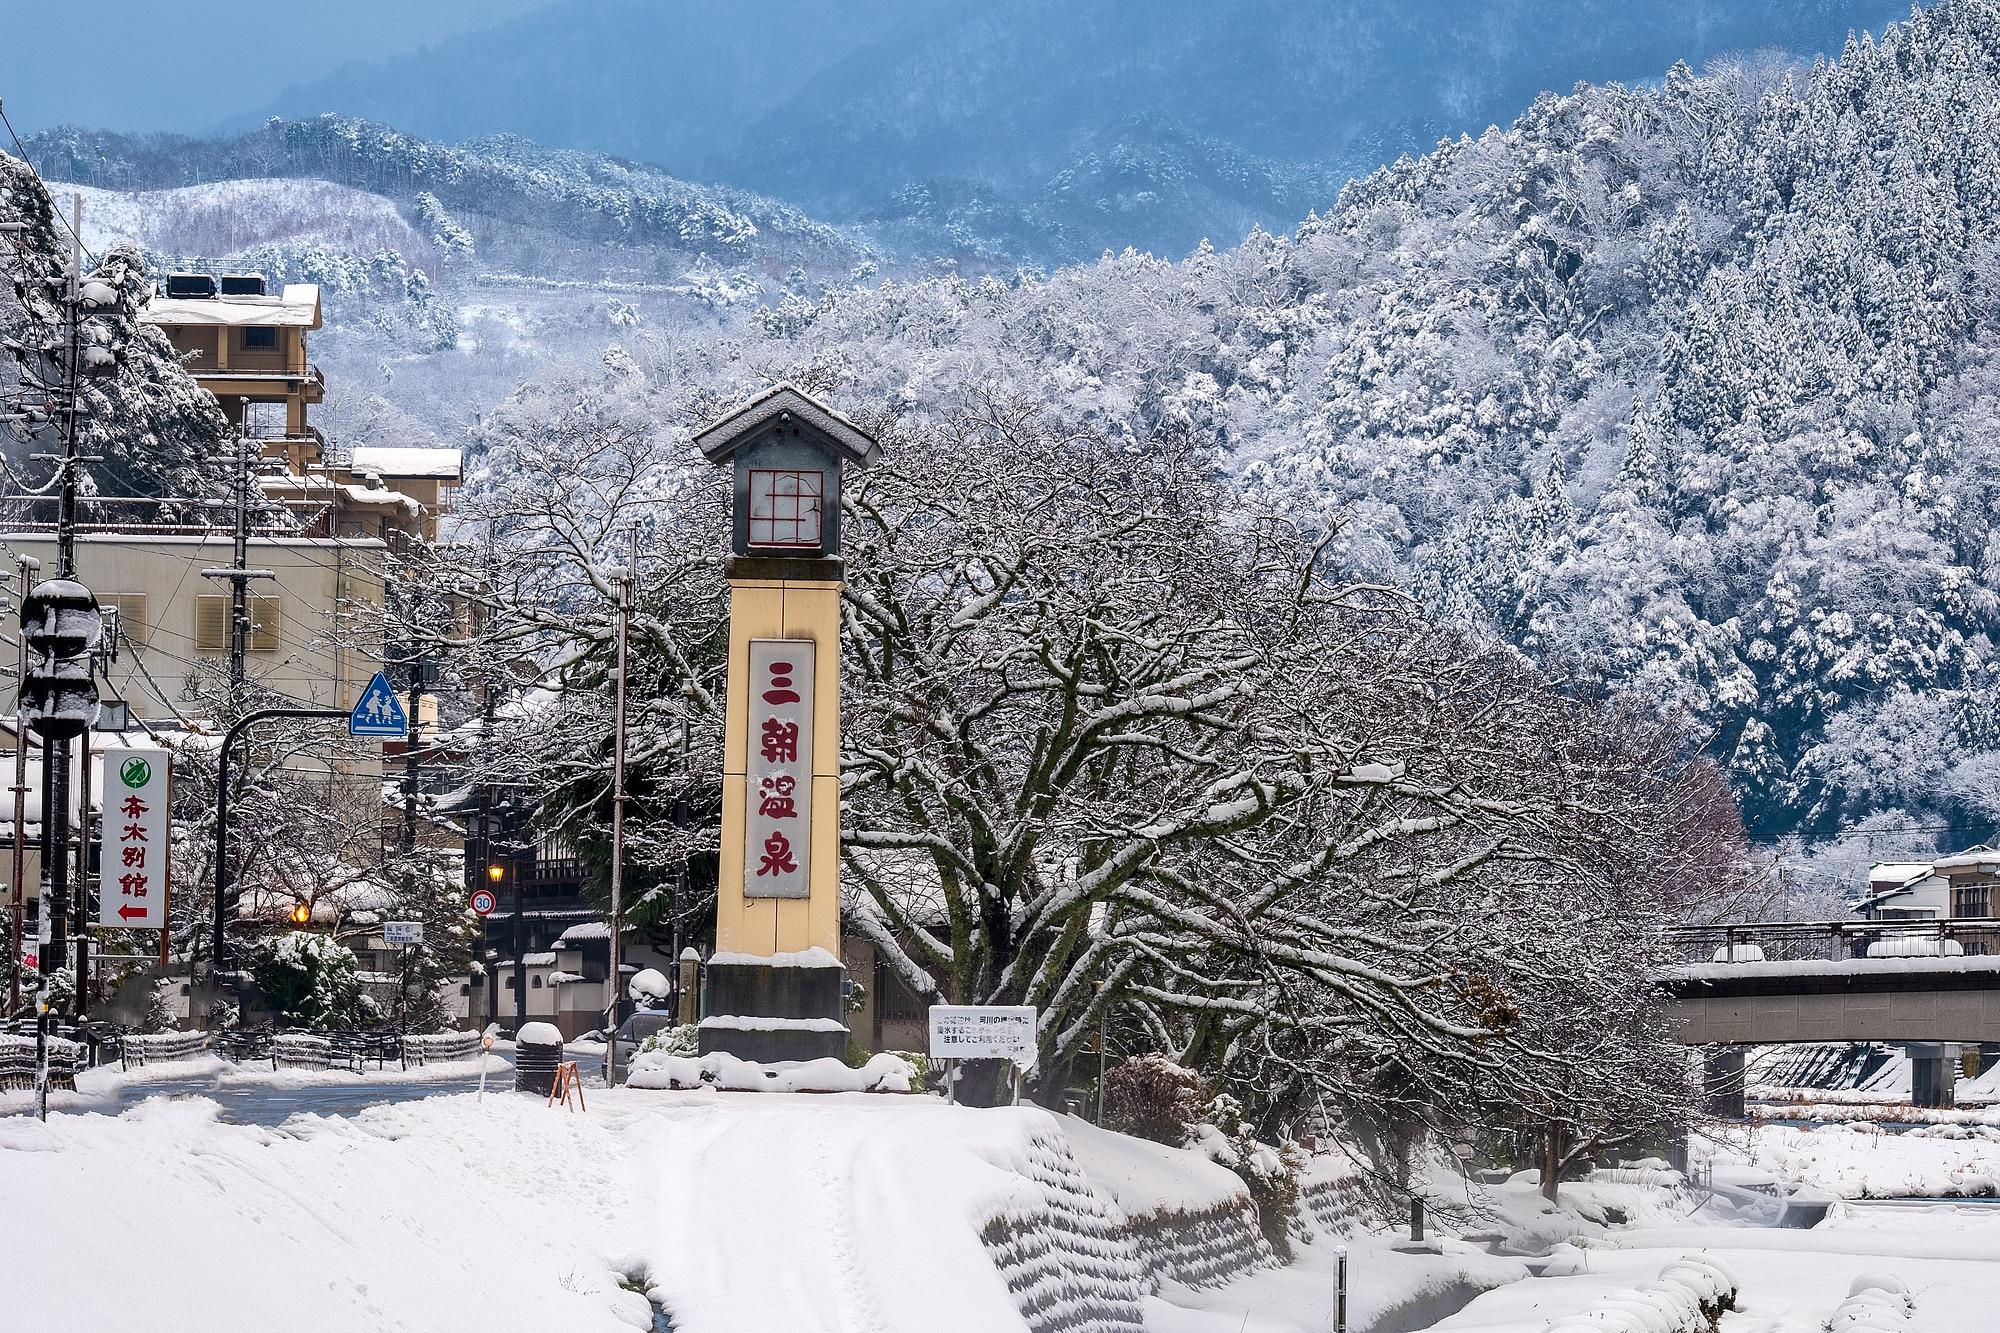 Tottori Japan Misasa Onsen Virtual Tour